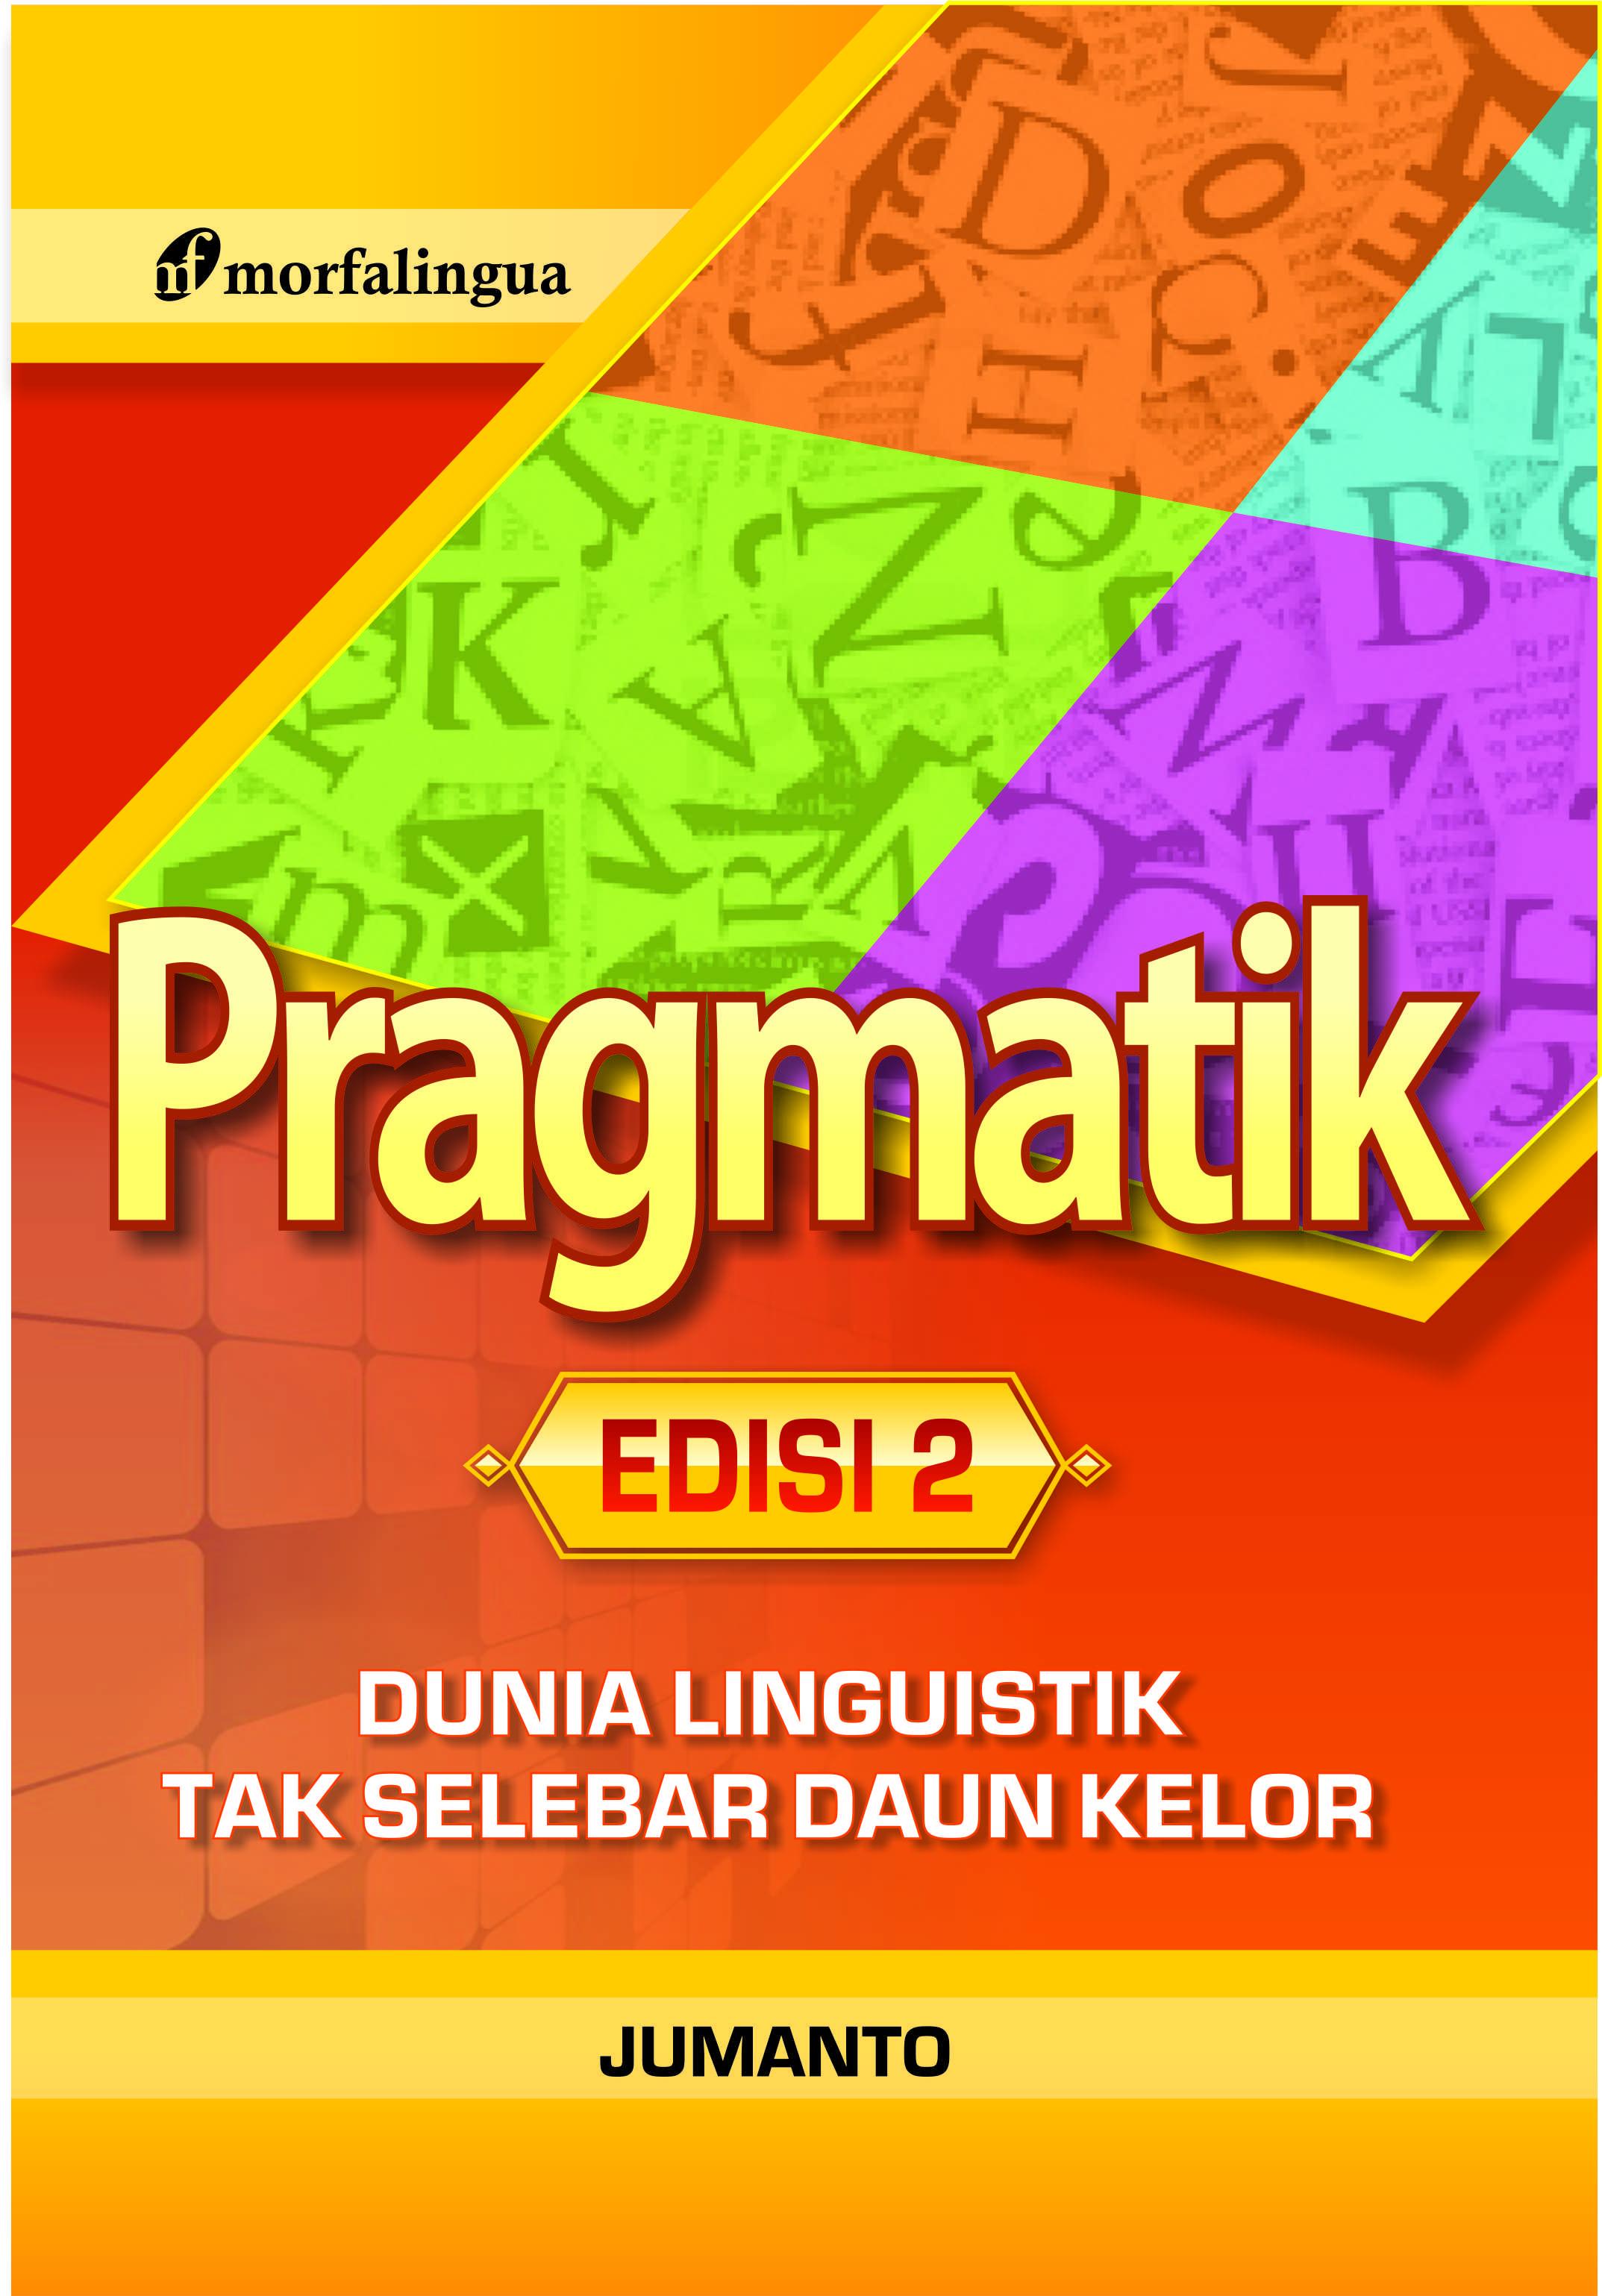 PRAGMATIK; dunia linguistik tak selebar daun kelor Edisi 2